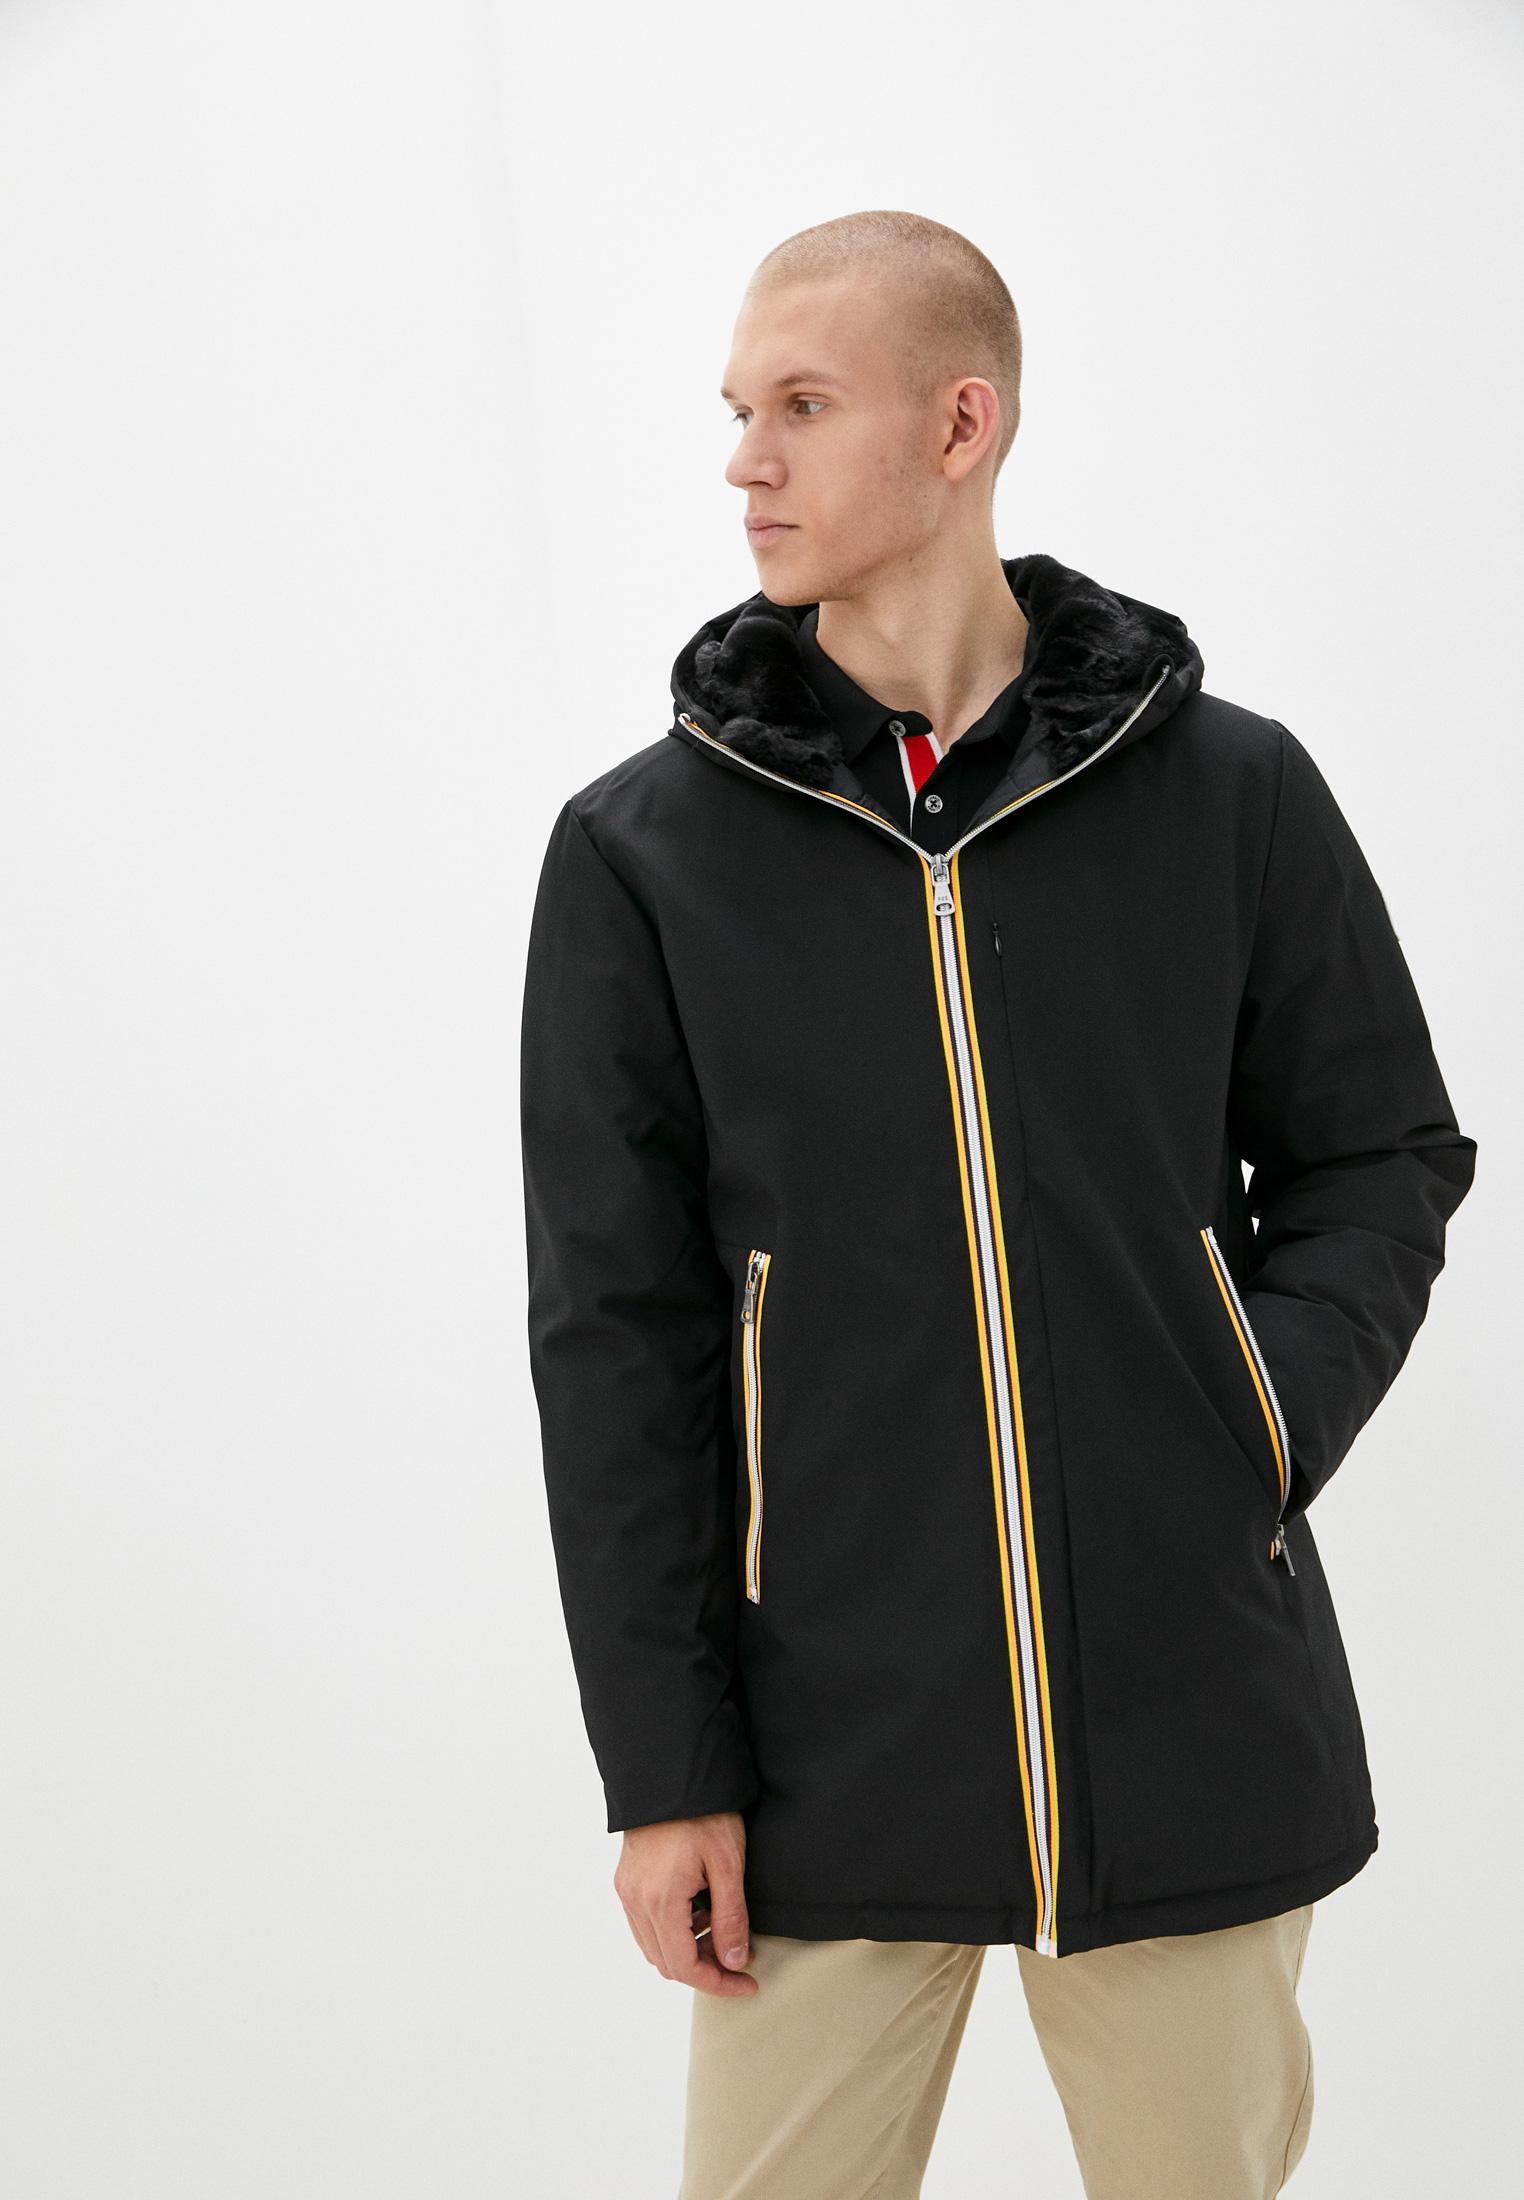 Утепленная куртка Paragoose Куртка утепленная Paragoose